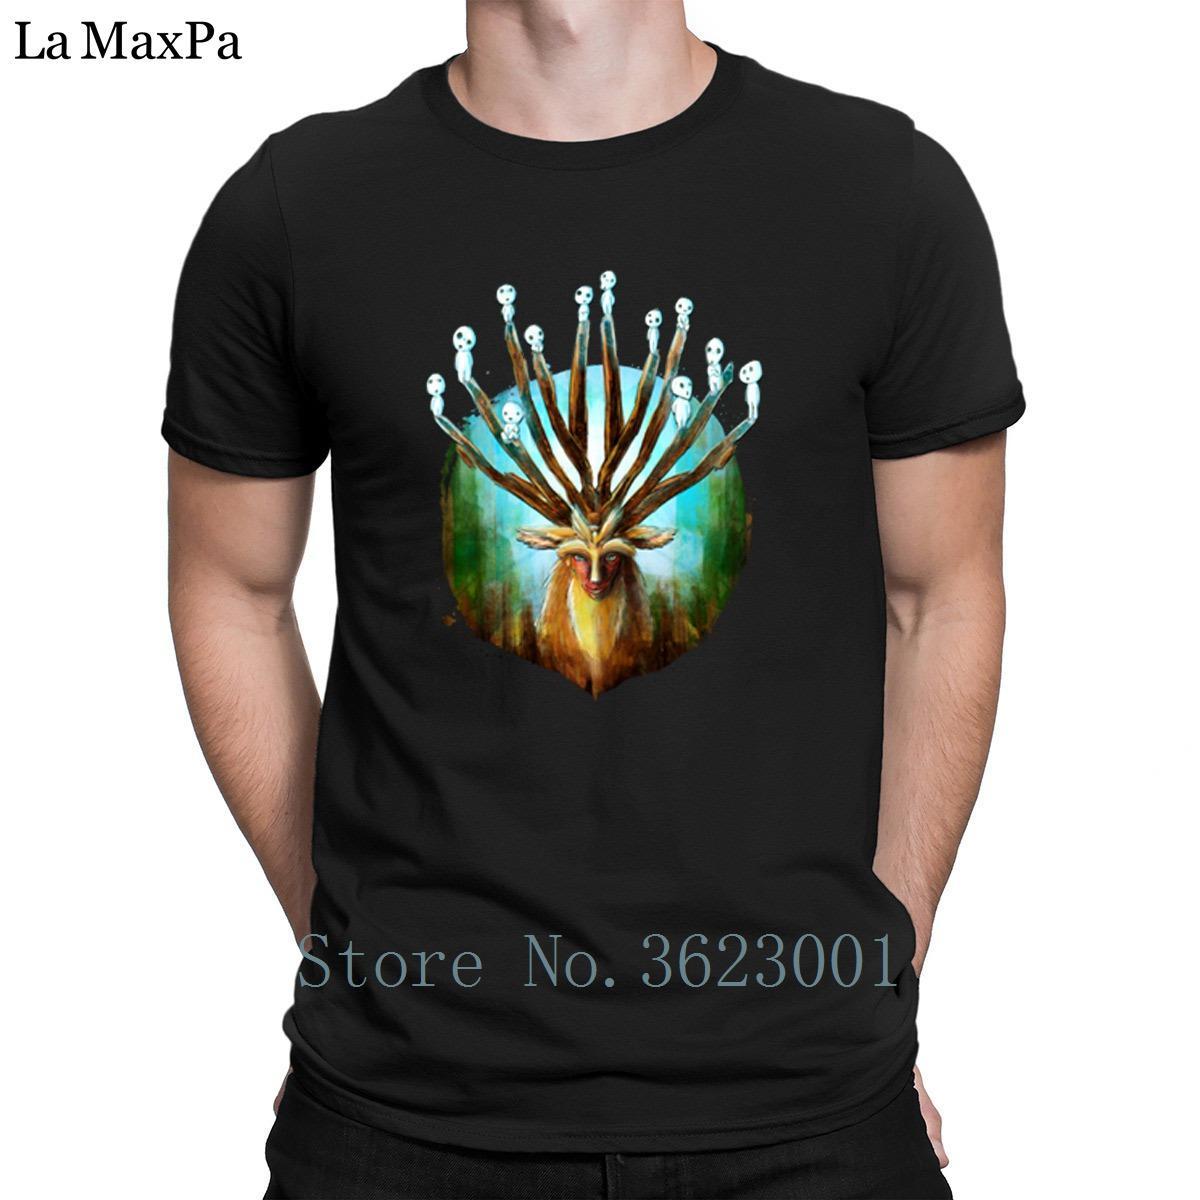 Crear divertido la camiseta para hombre del bosque ciervos Dios Pintura Camiseta para hombre Hombre loco camiseta de cuello redondo Camiseta para los hombres inteligentes fresca